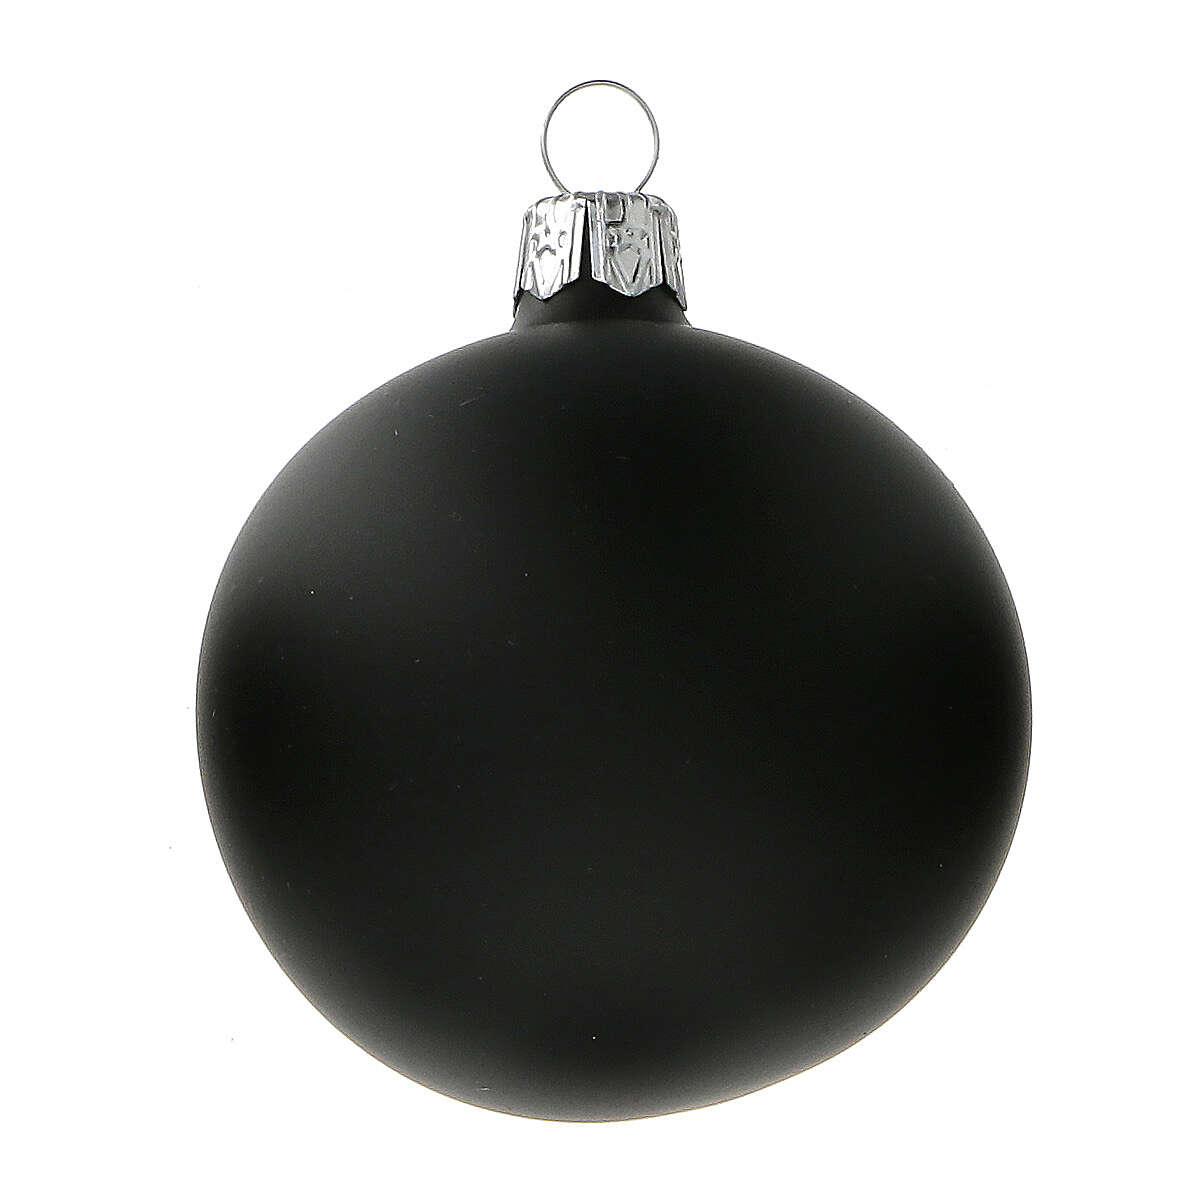 Palla albero Natale nero opaco vetro soffiato 60 mm 6 pz 4